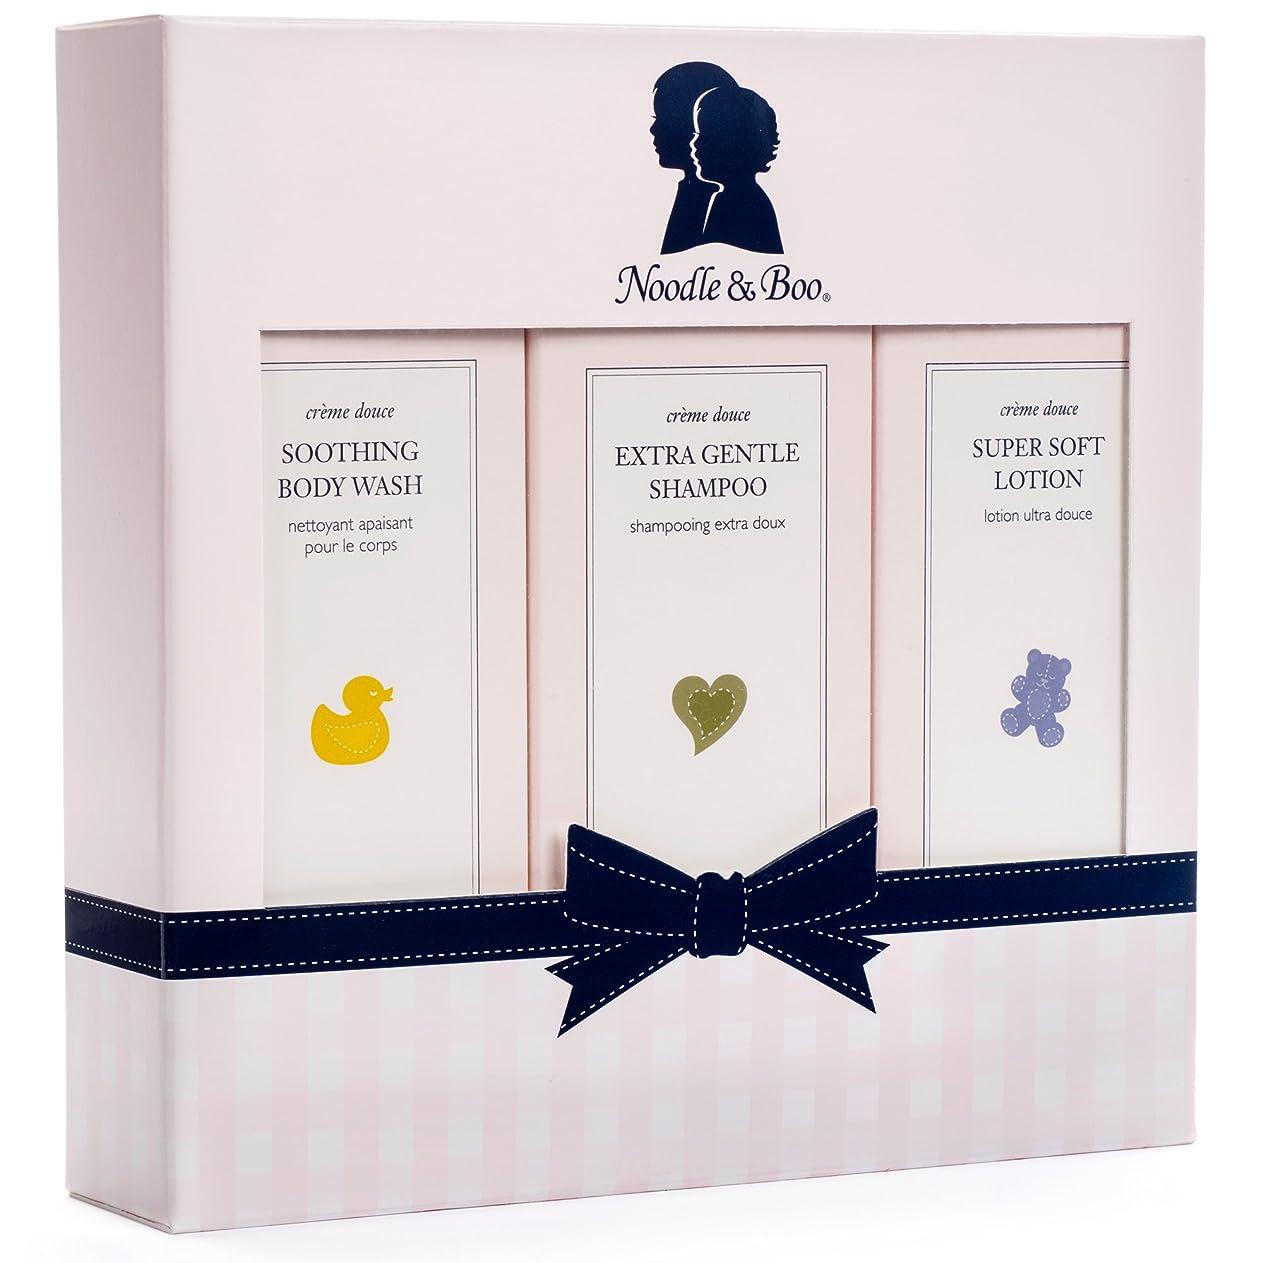 シーフード郵便物エトナ山ヌードル&ブー Starter Gift Set: Extra Gentle Shampoo 237ml/8oz + Soothing Body Wash 237ml/8oz + Super Soft Lotion 237ml/8oz 3pc並行輸入品